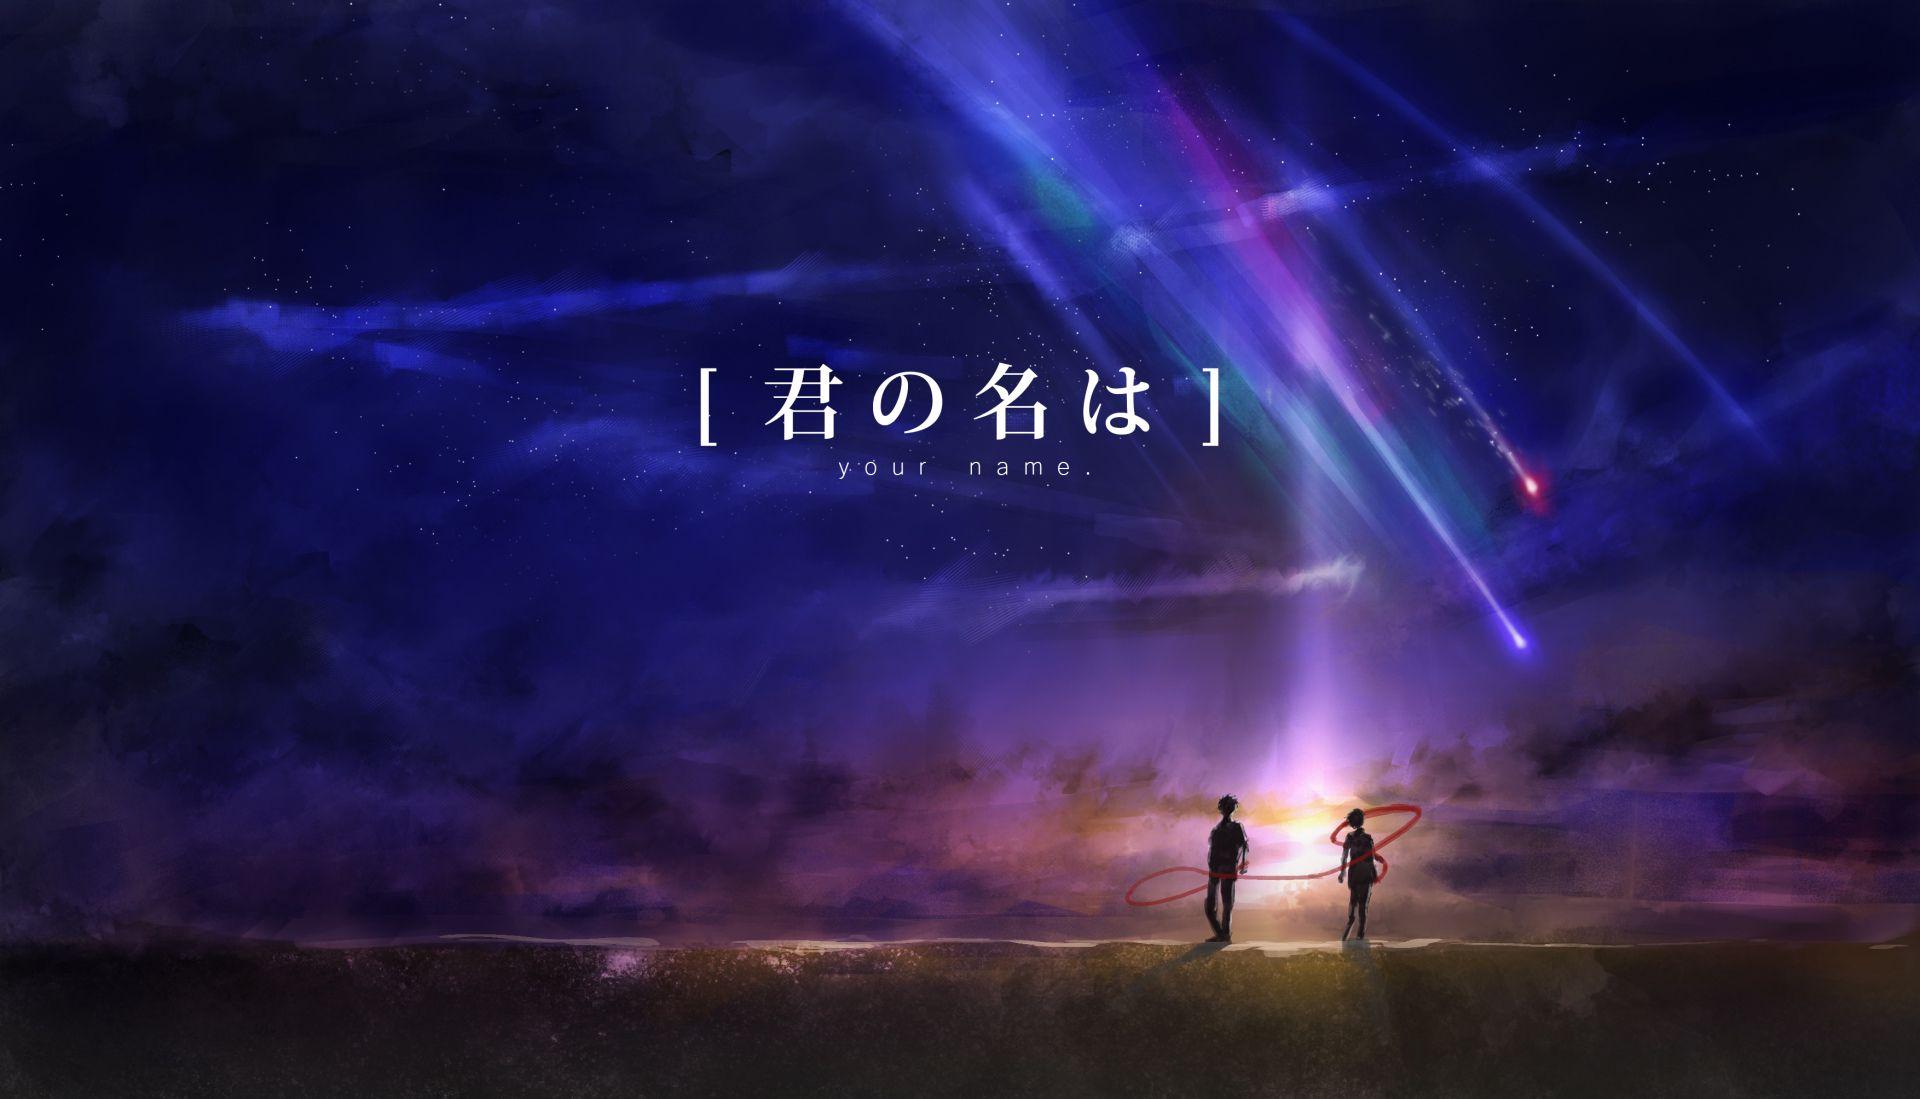 Anime Your Name Mitsuha Miyamizu Taki Tachibana Kimi No Na Wa